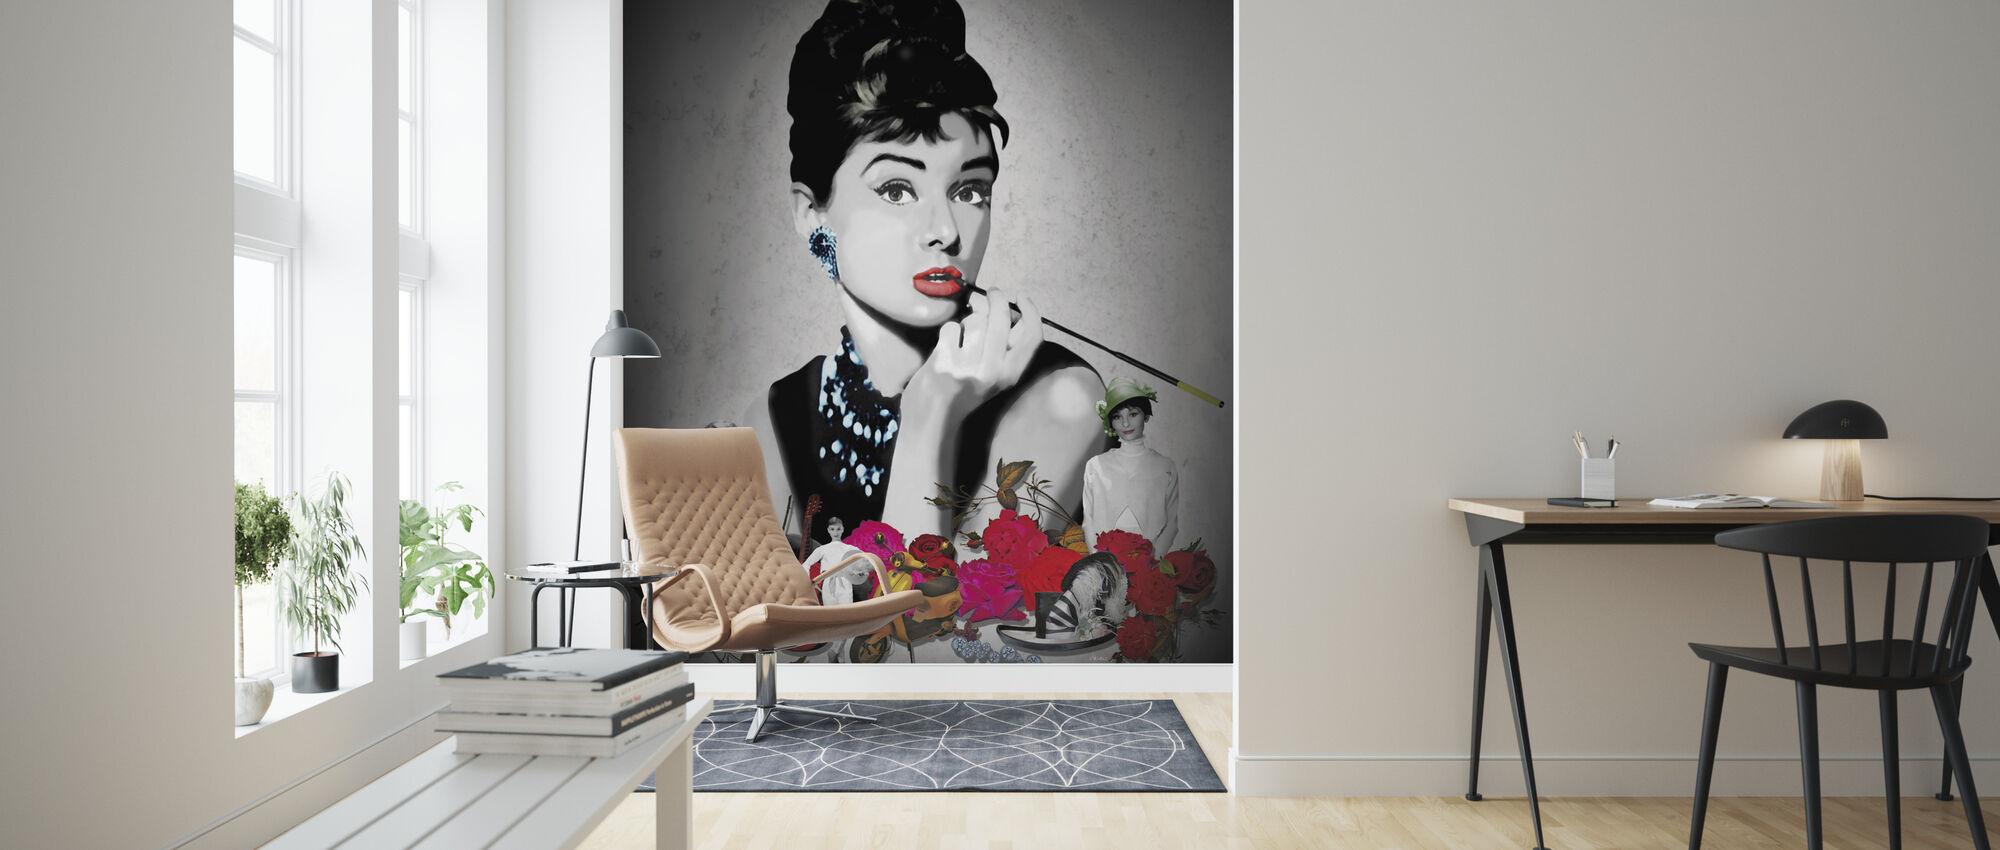 Hepburn - Musta - Tapetti - Olohuone